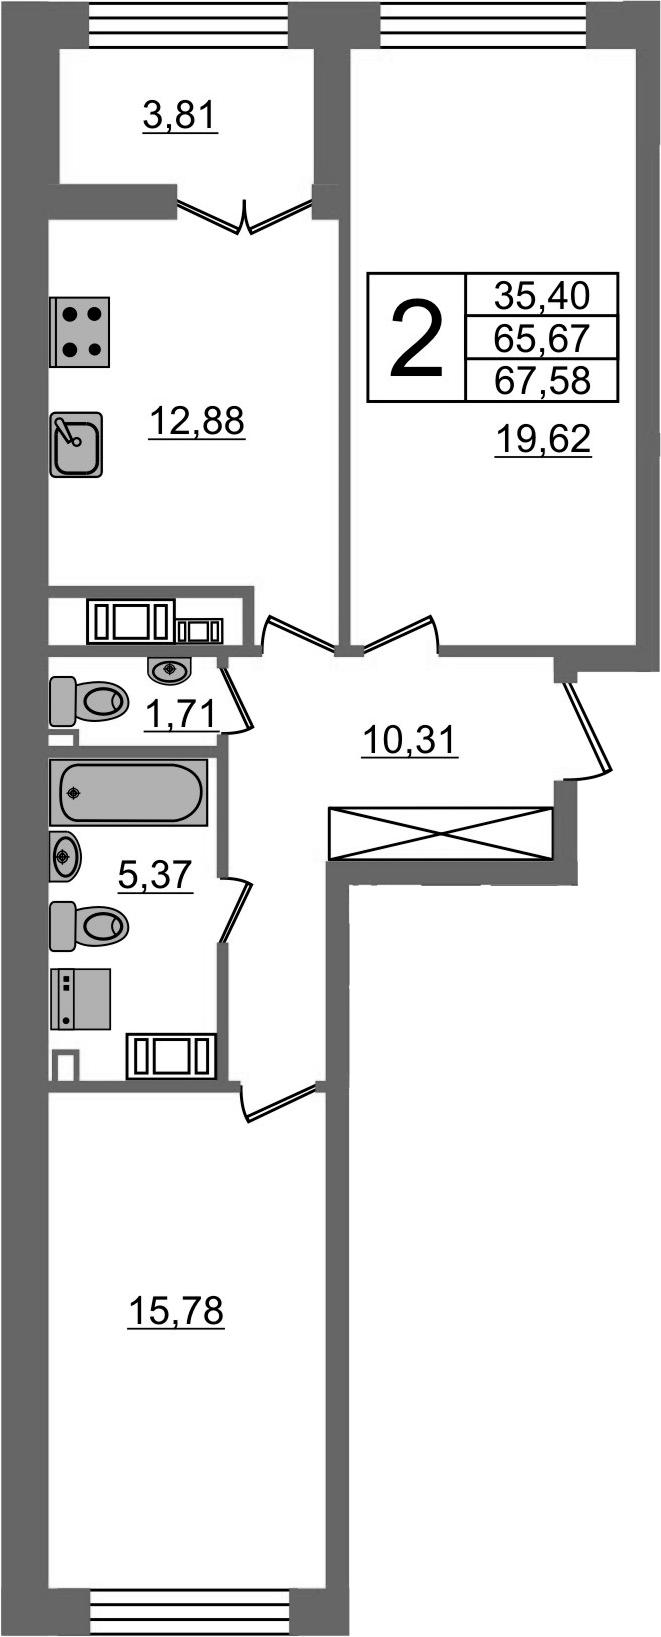 2-комнатная, 65.67 м²– 2